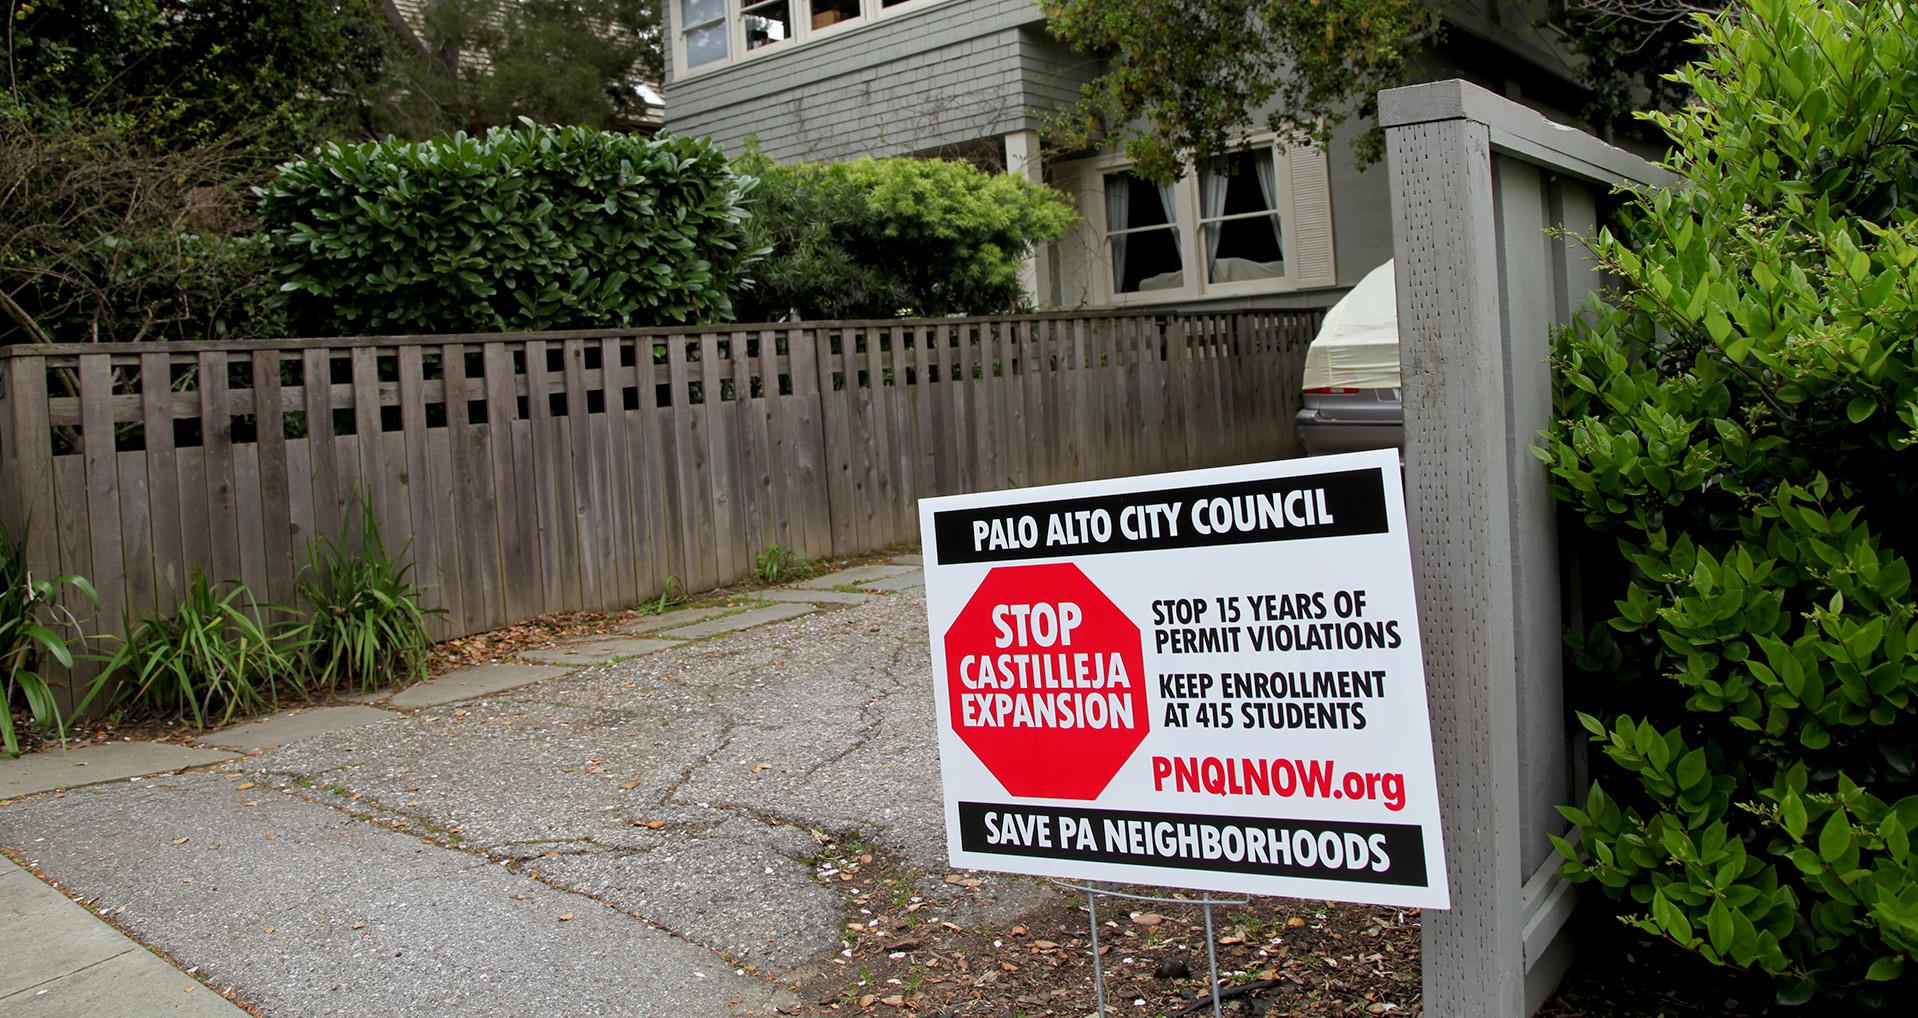 palo alto residents fight private school